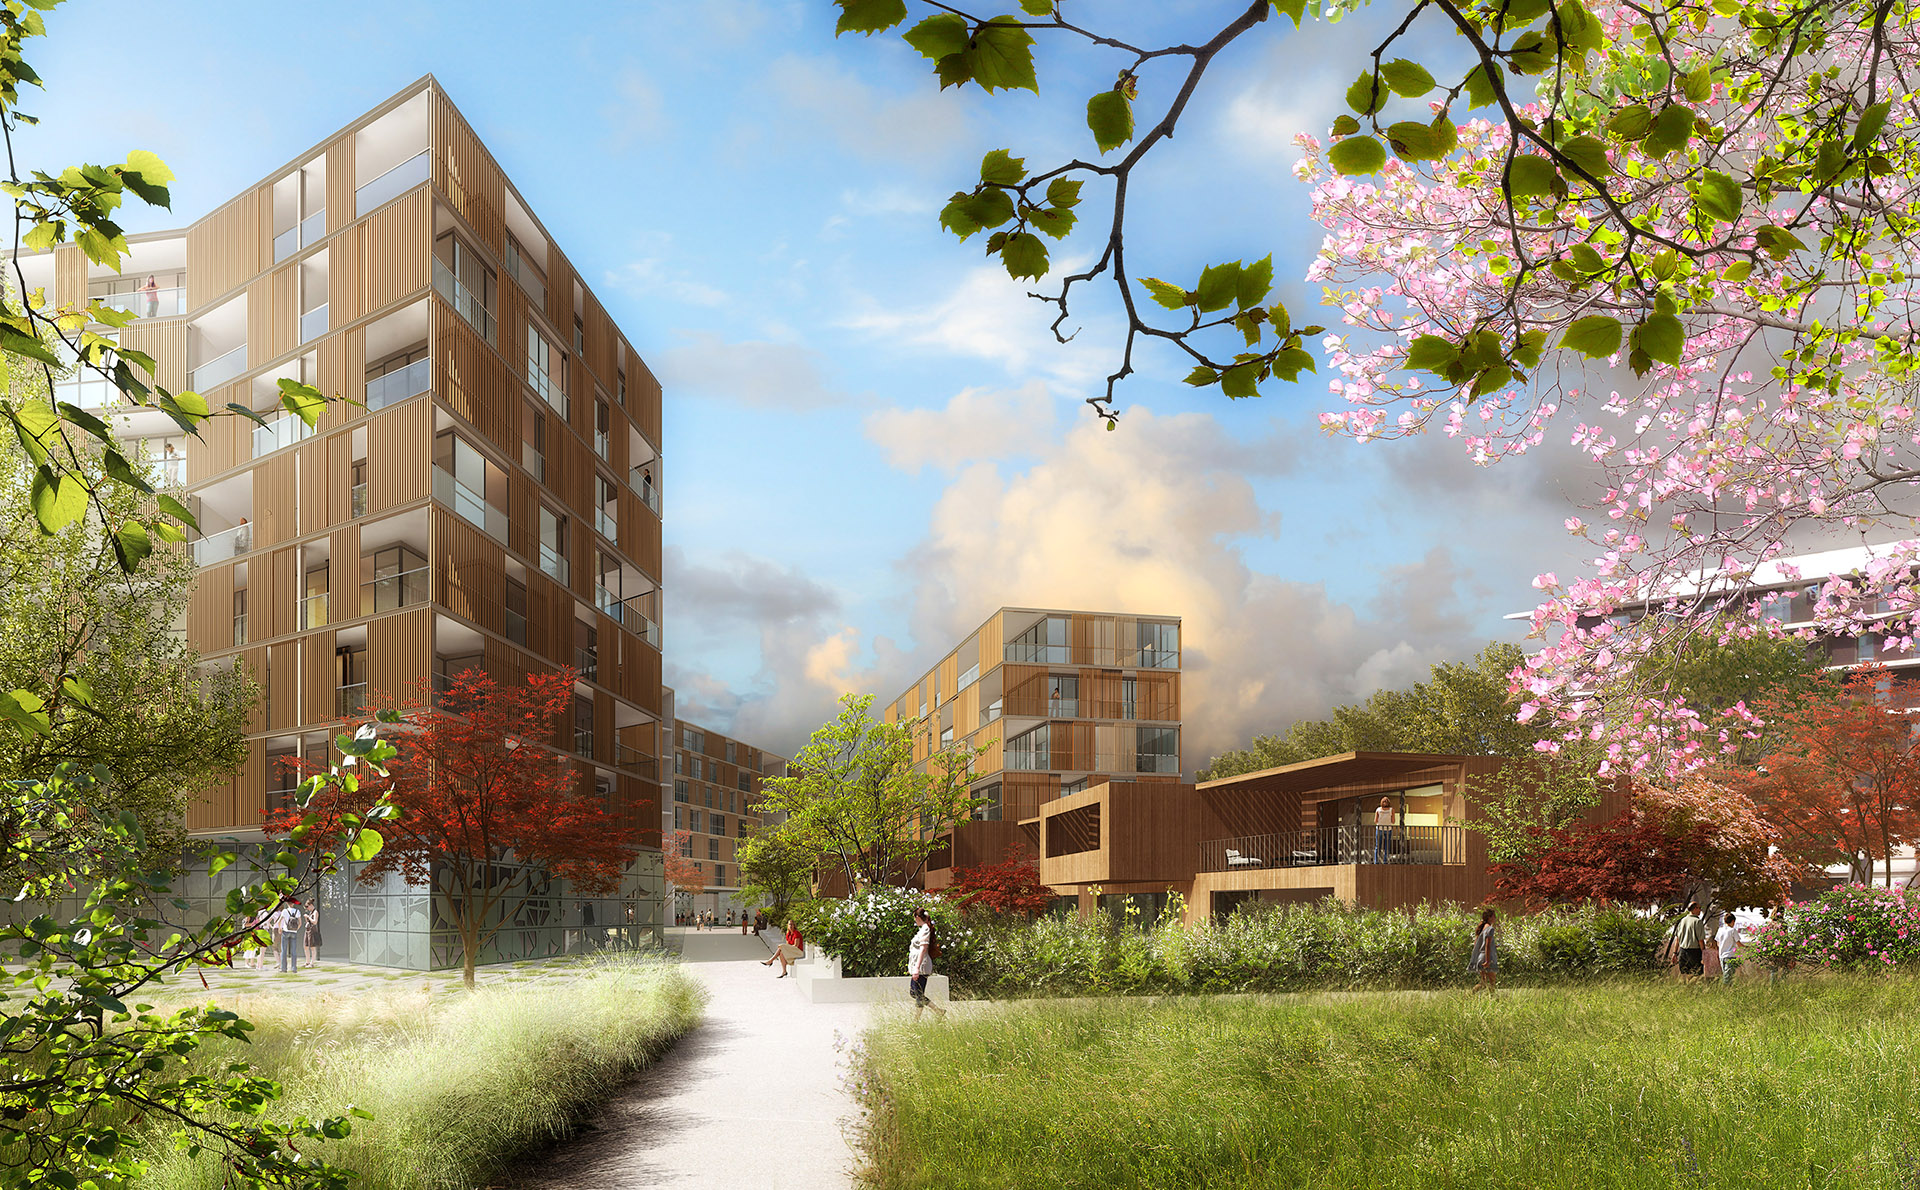 Perspective de concours - Agence VEZZONI & Associés - Architectes - Eco-quartier Ginko à Bordeaux